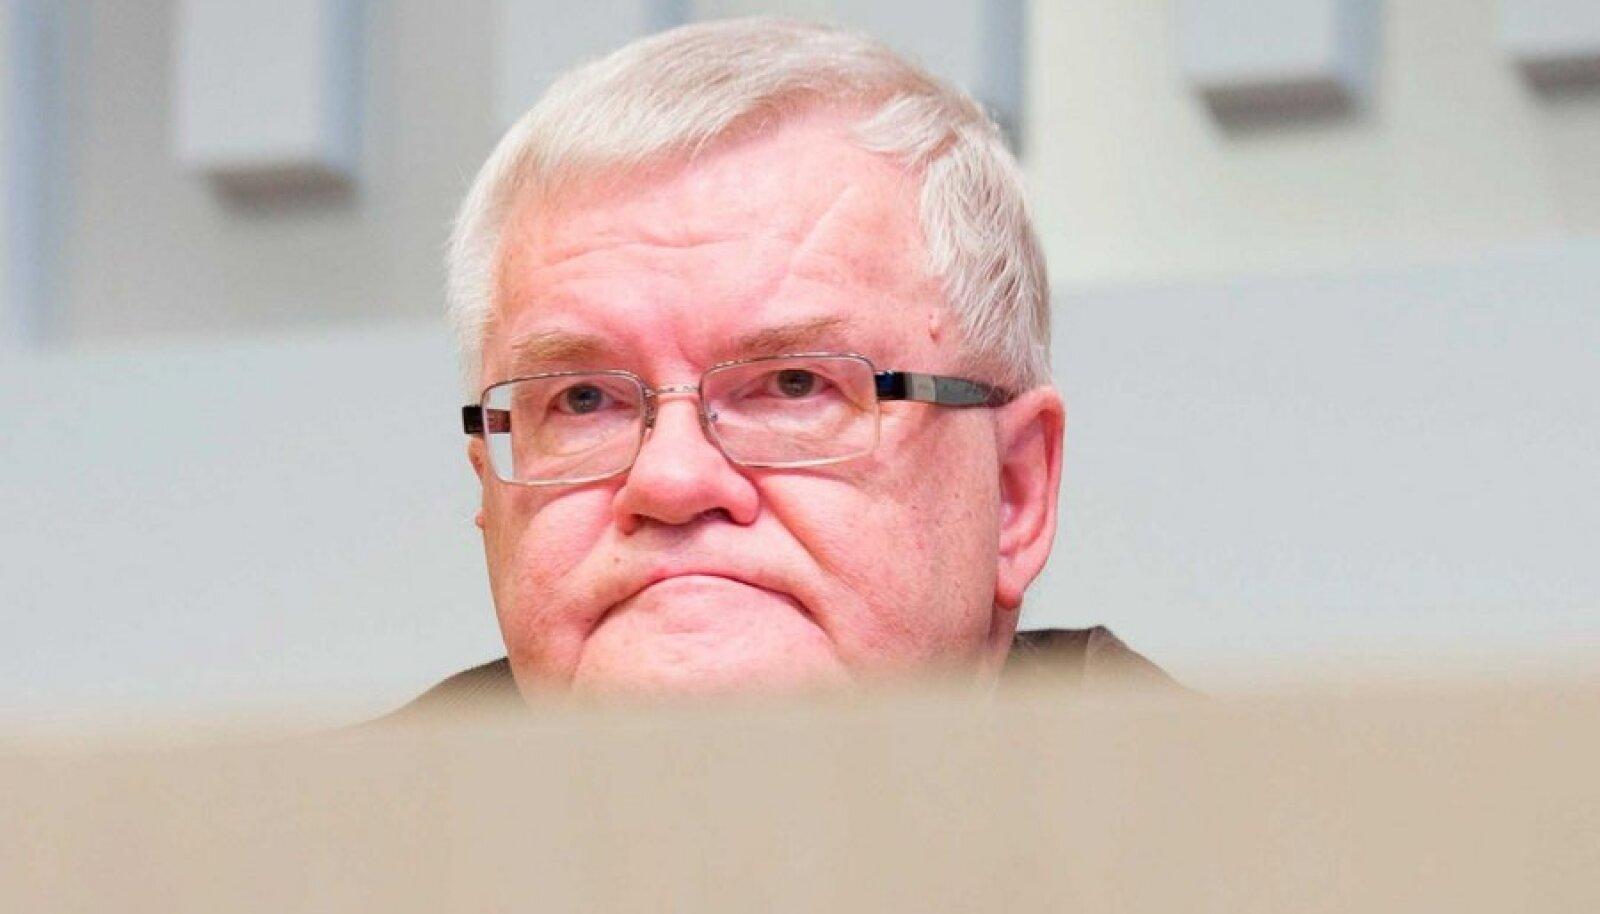 Mandaat olemas: Tuleva aasta jaanuaris minnakse Tallinnas üle tasuta ühistranspordile, kinnitas Savisaar. (Rauno Volmar)